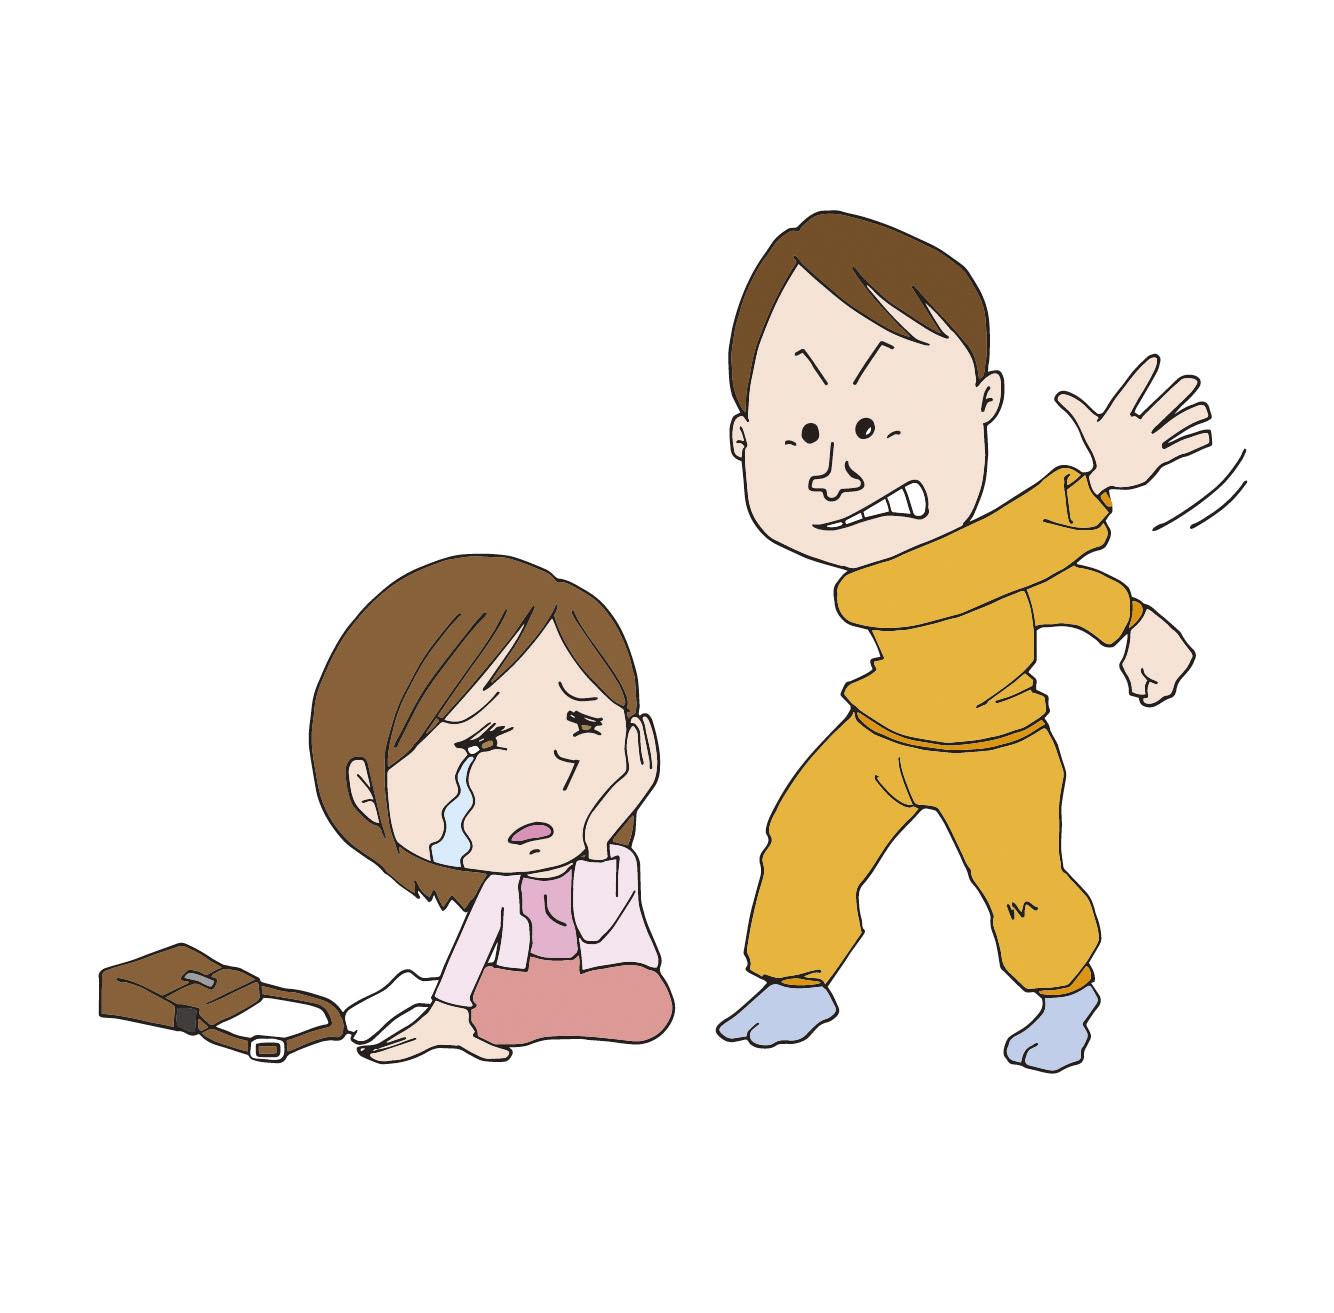 発達障害に生活環境の悪化が加わり、暴力的な夫